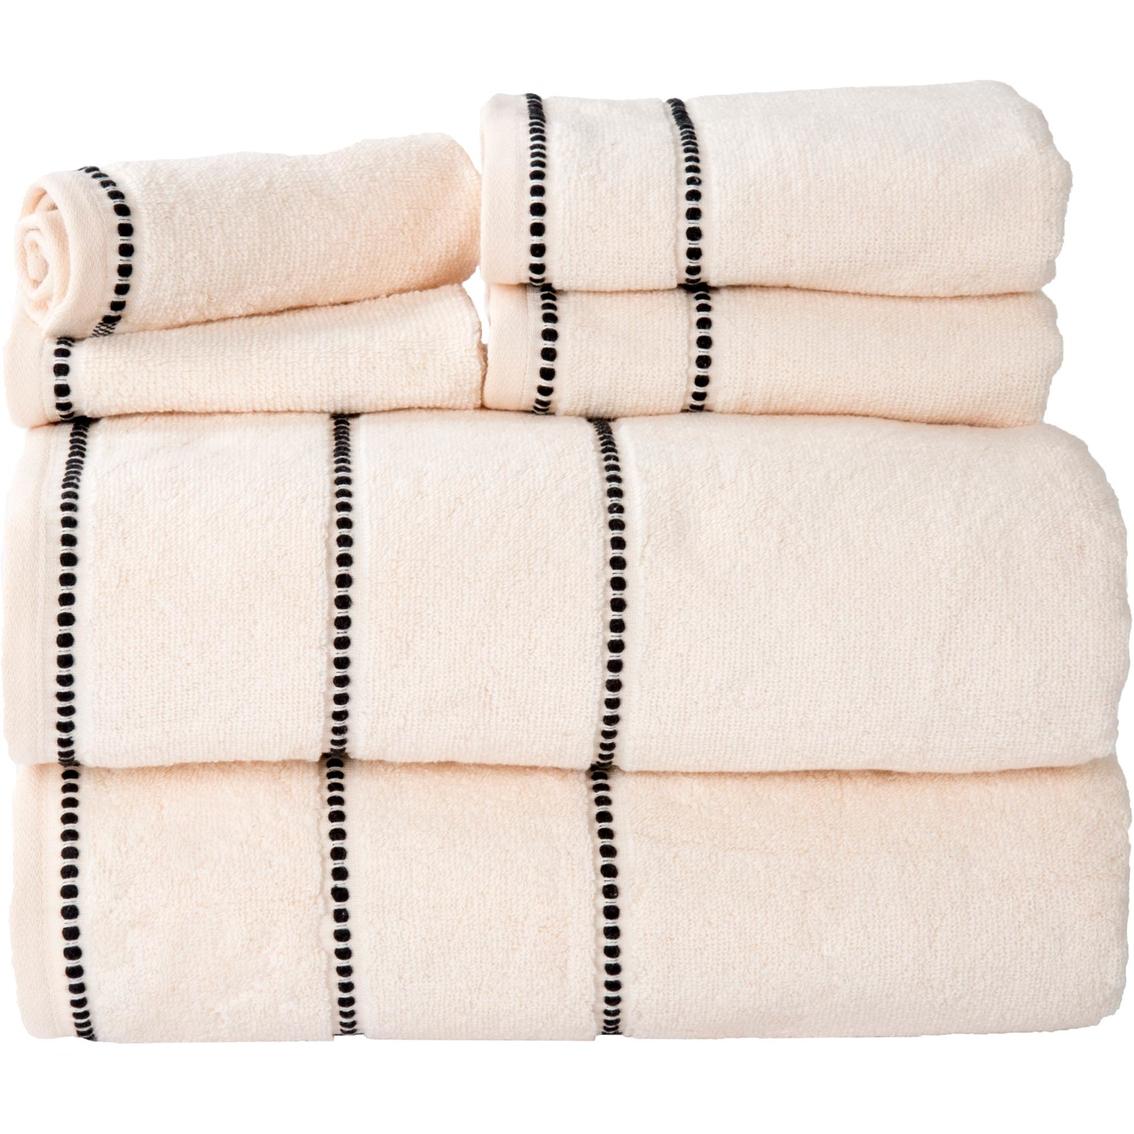 Lavish Home Quick Dry 100 Cotton Zero Twist 6 Pc Towel Set Bath Towels Household Shop The Exchange